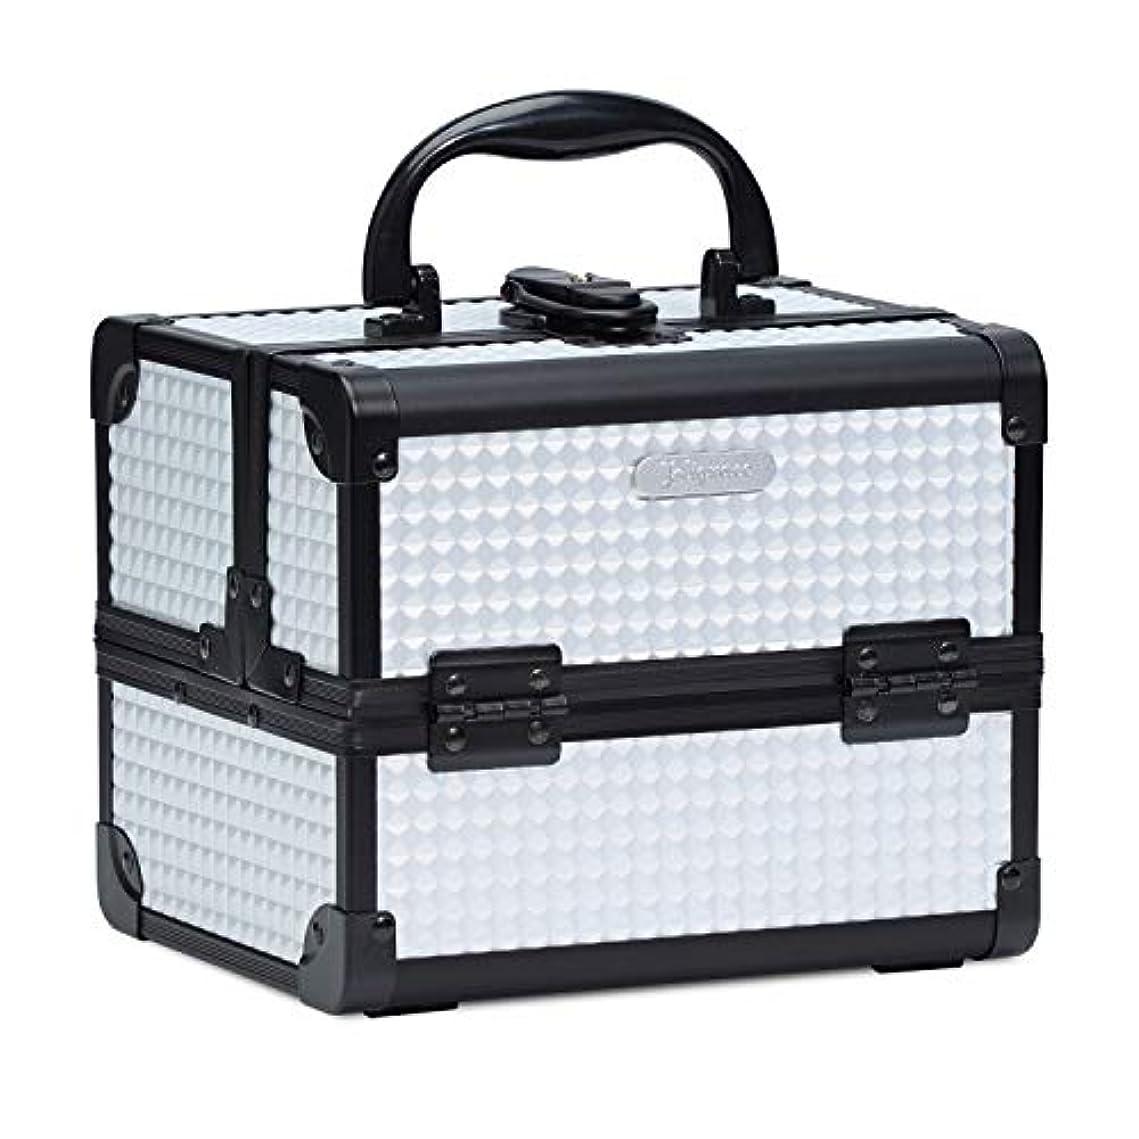 バーガー個性思い出させるHapilife コスメボックス 鏡付き スライドトレイ メイク用品収納 プロ仕様 小型 化粧箱